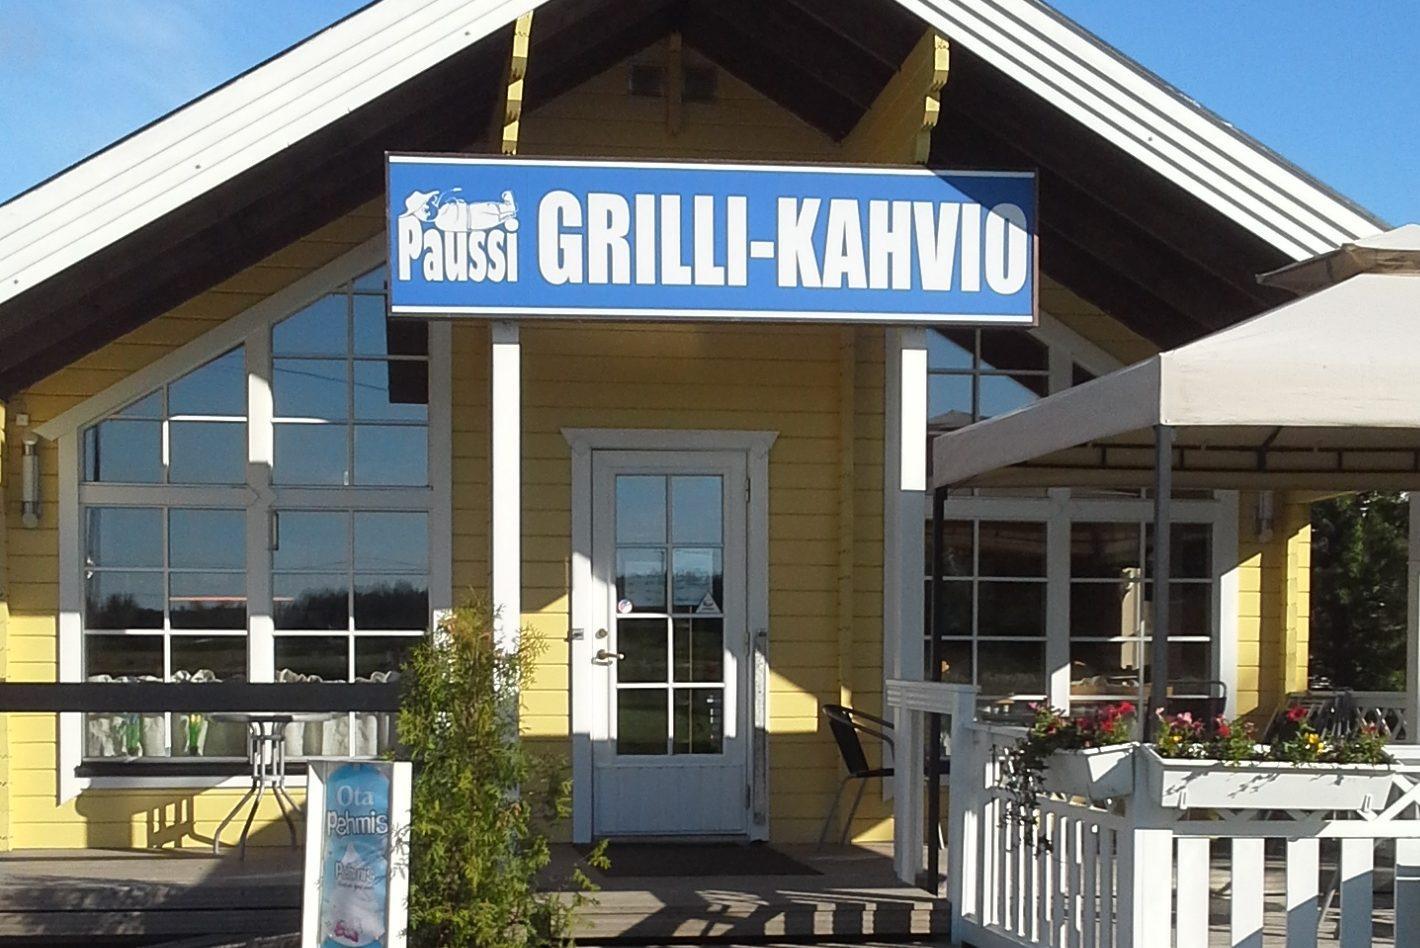 Kuva Grilli-Kahvio Paussin rakennuksesta.